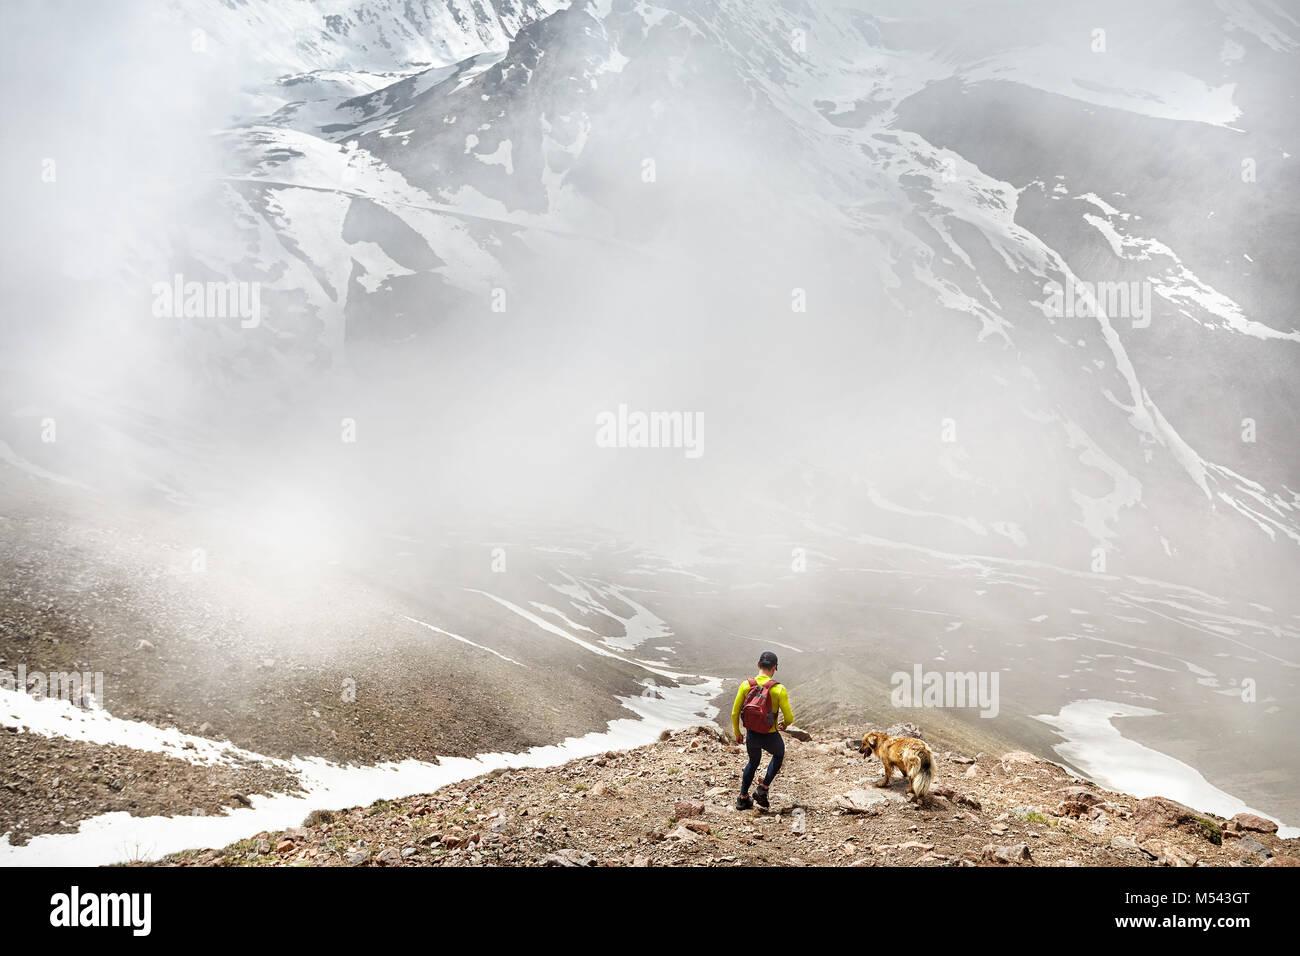 Escursionista in camicia verde con zaino e cane a camminare in montagna innevata a foggy sfondo cielo Immagini Stock